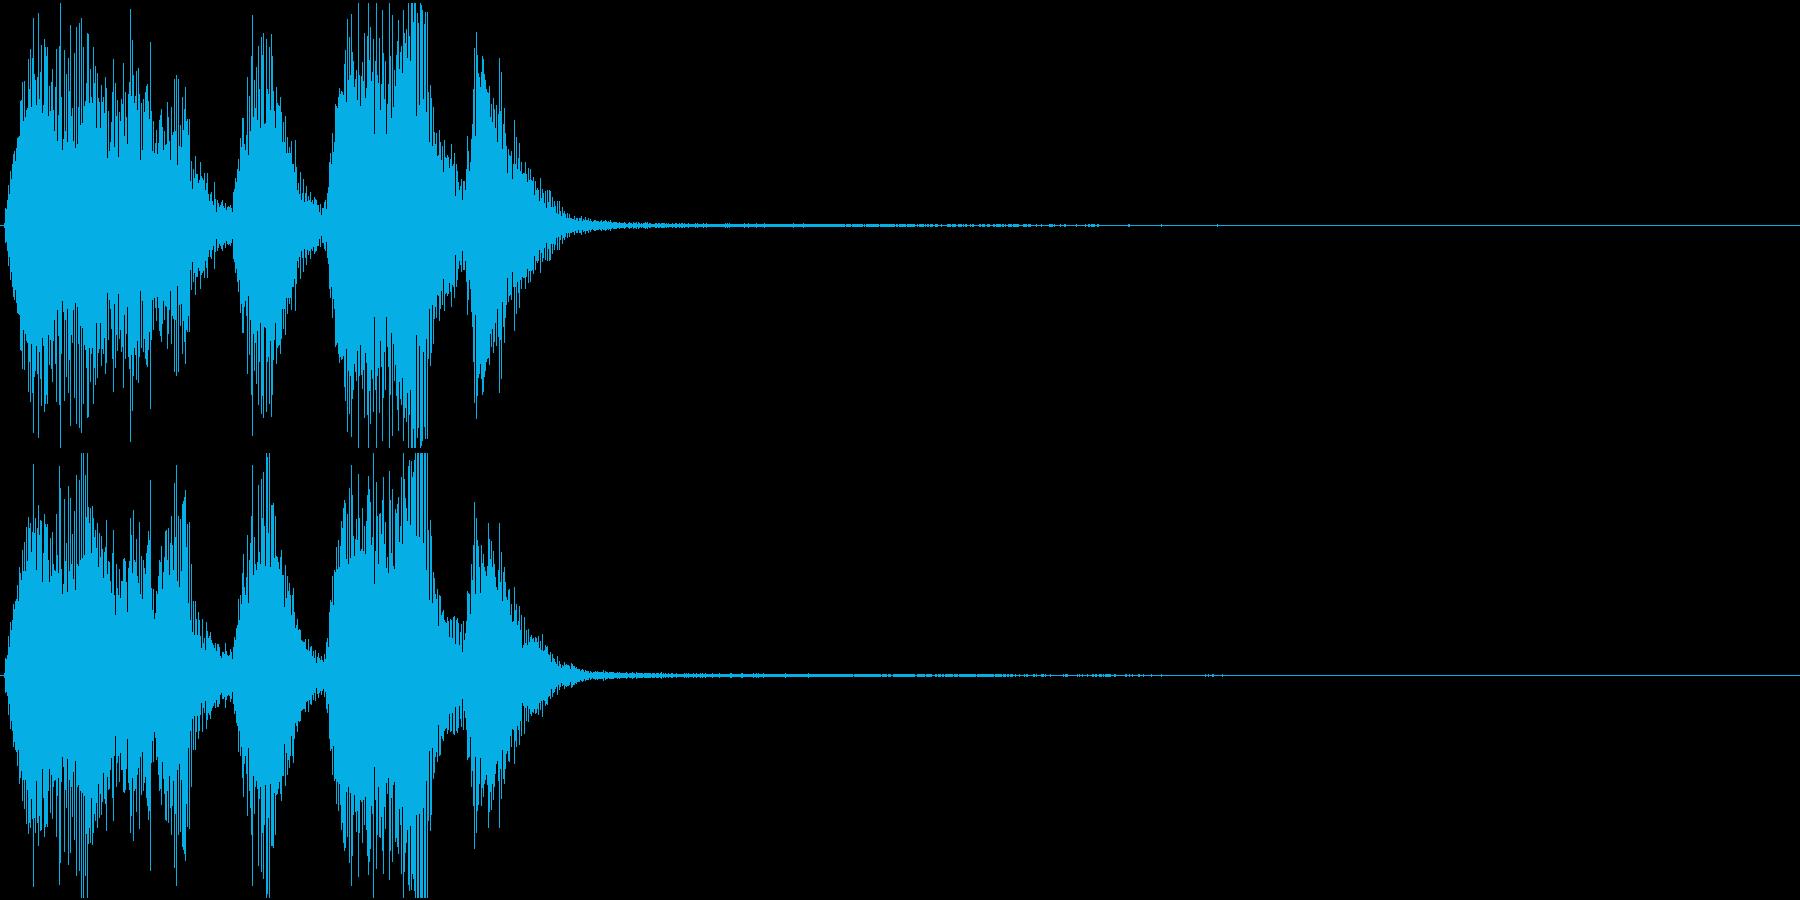 トランペット ファンファーレ 定番 18の再生済みの波形